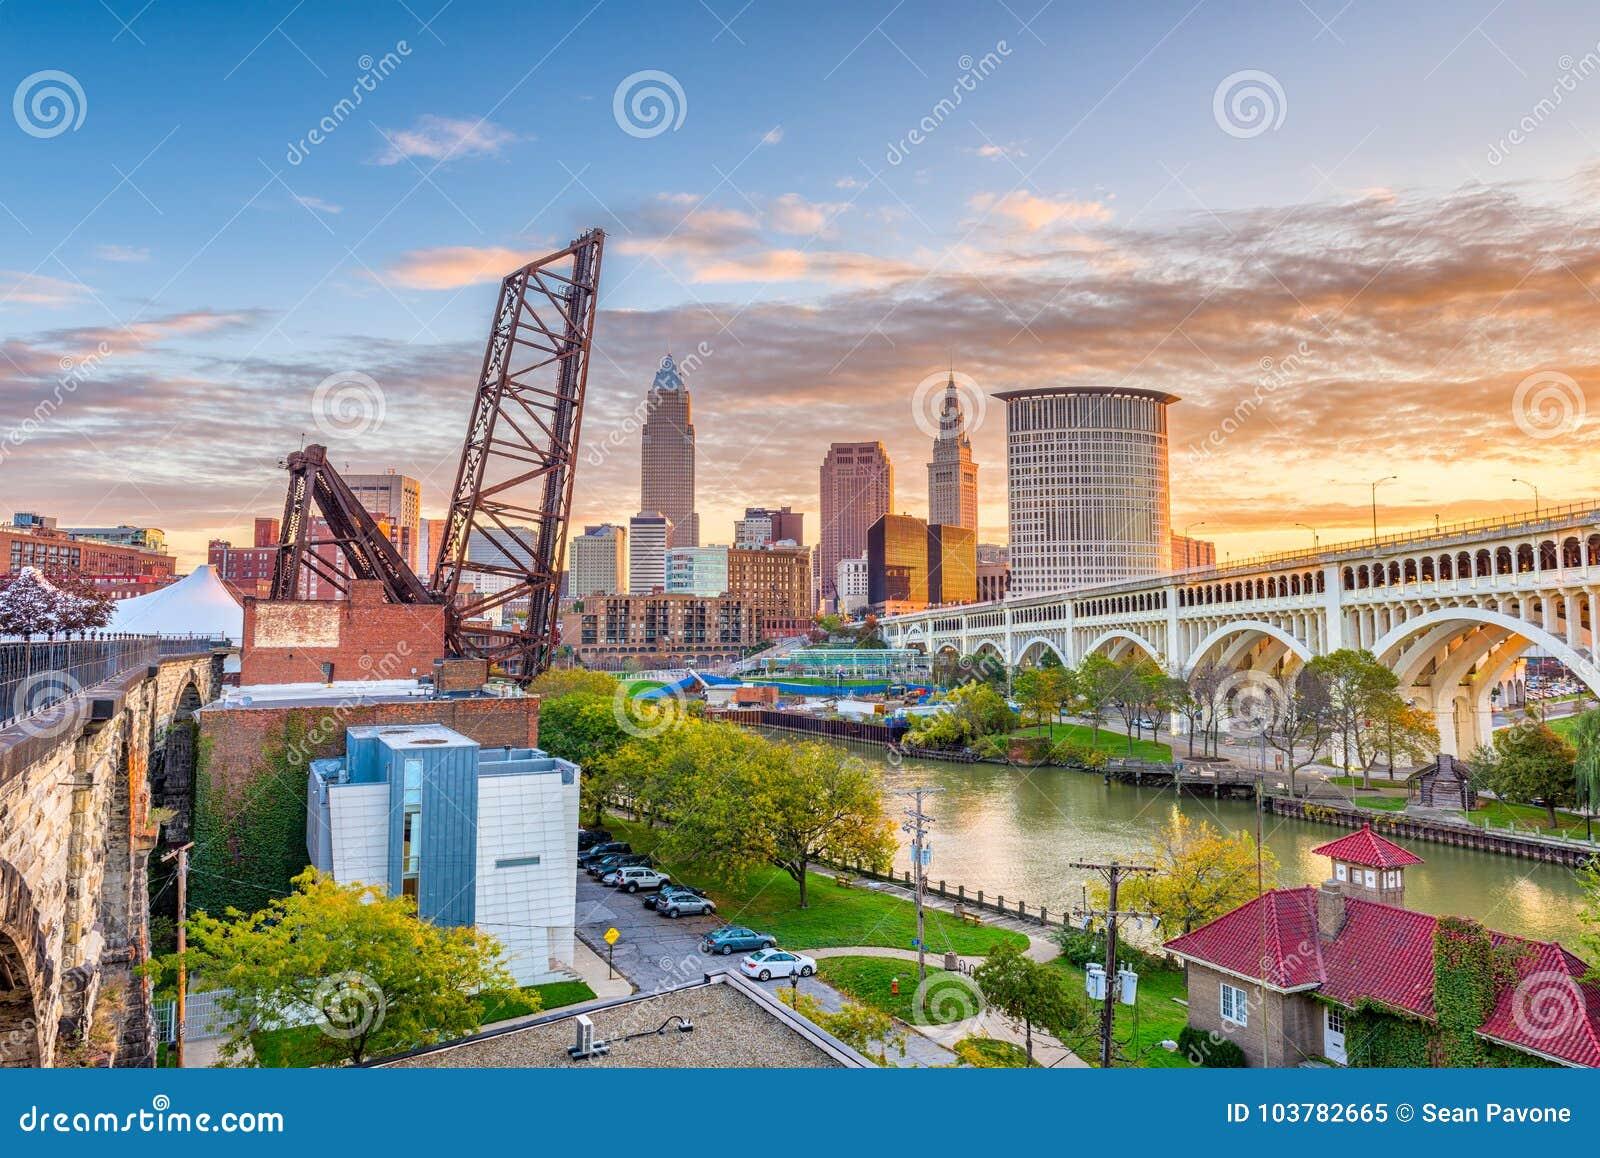 Cleveland, Ohio, U.S.A.